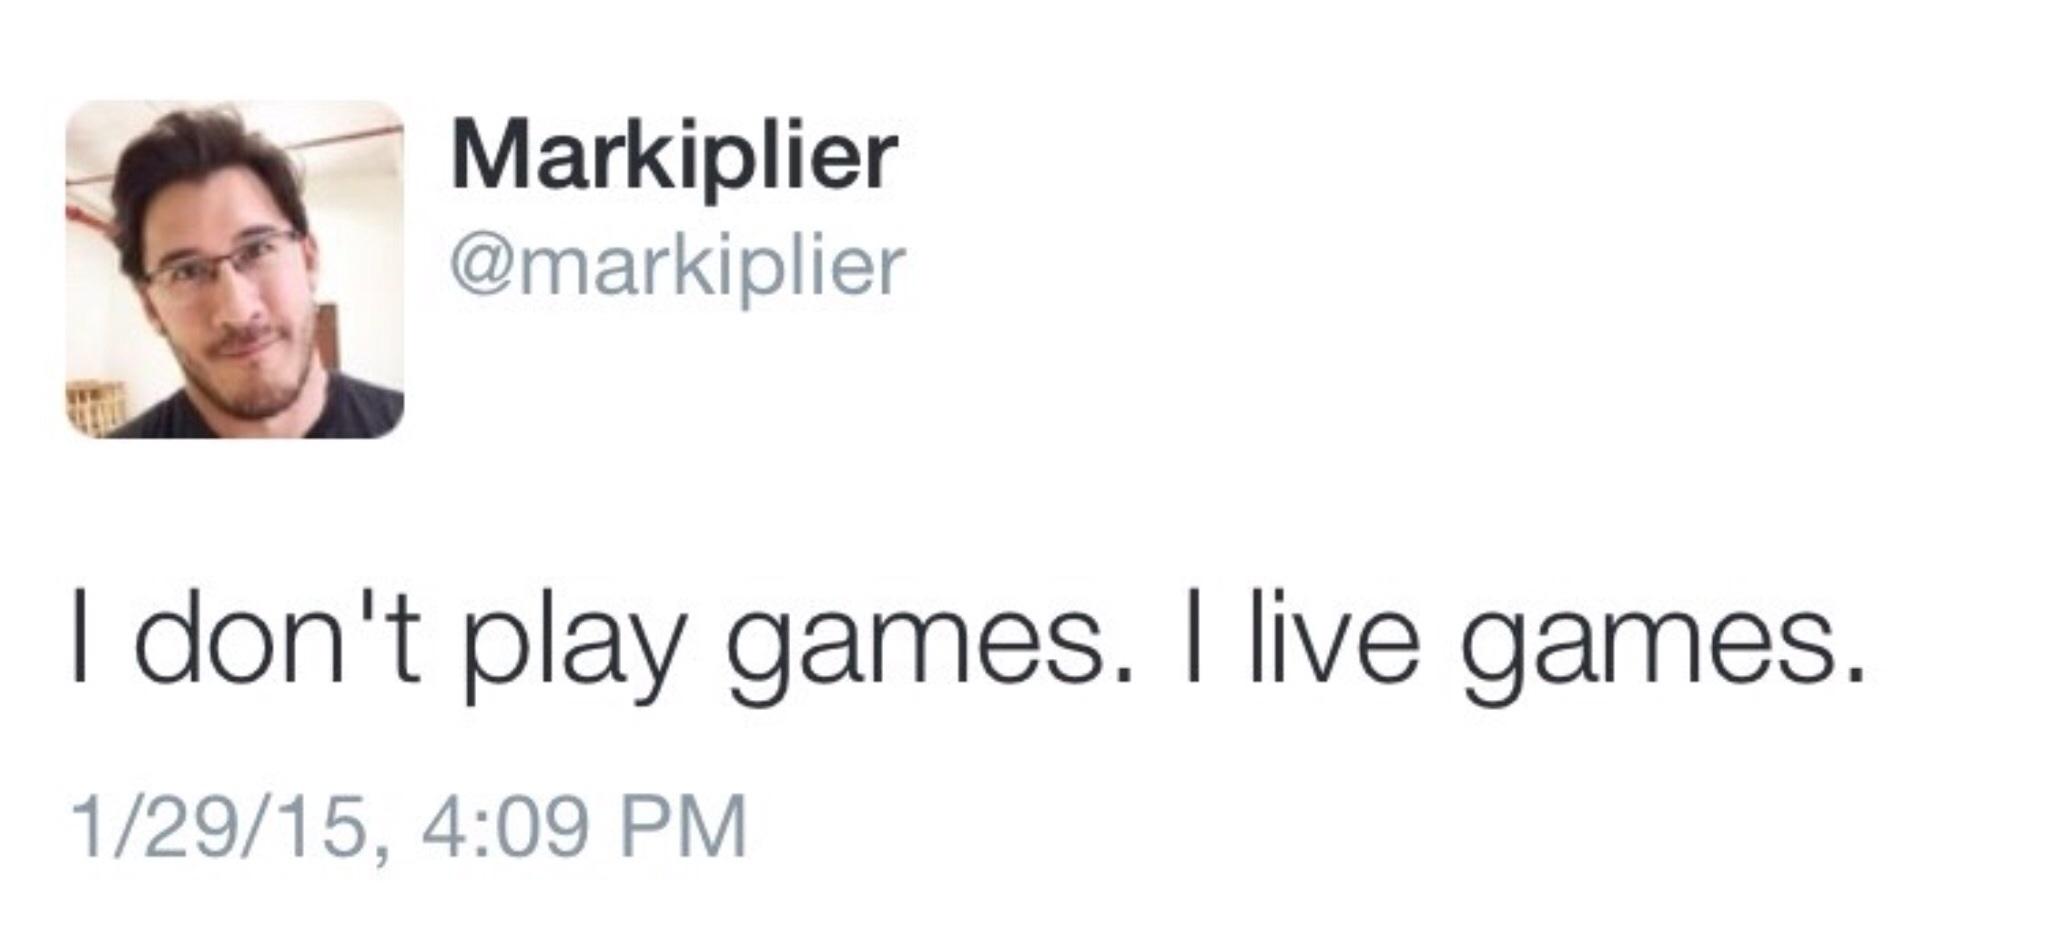 Markiplier - Twitter